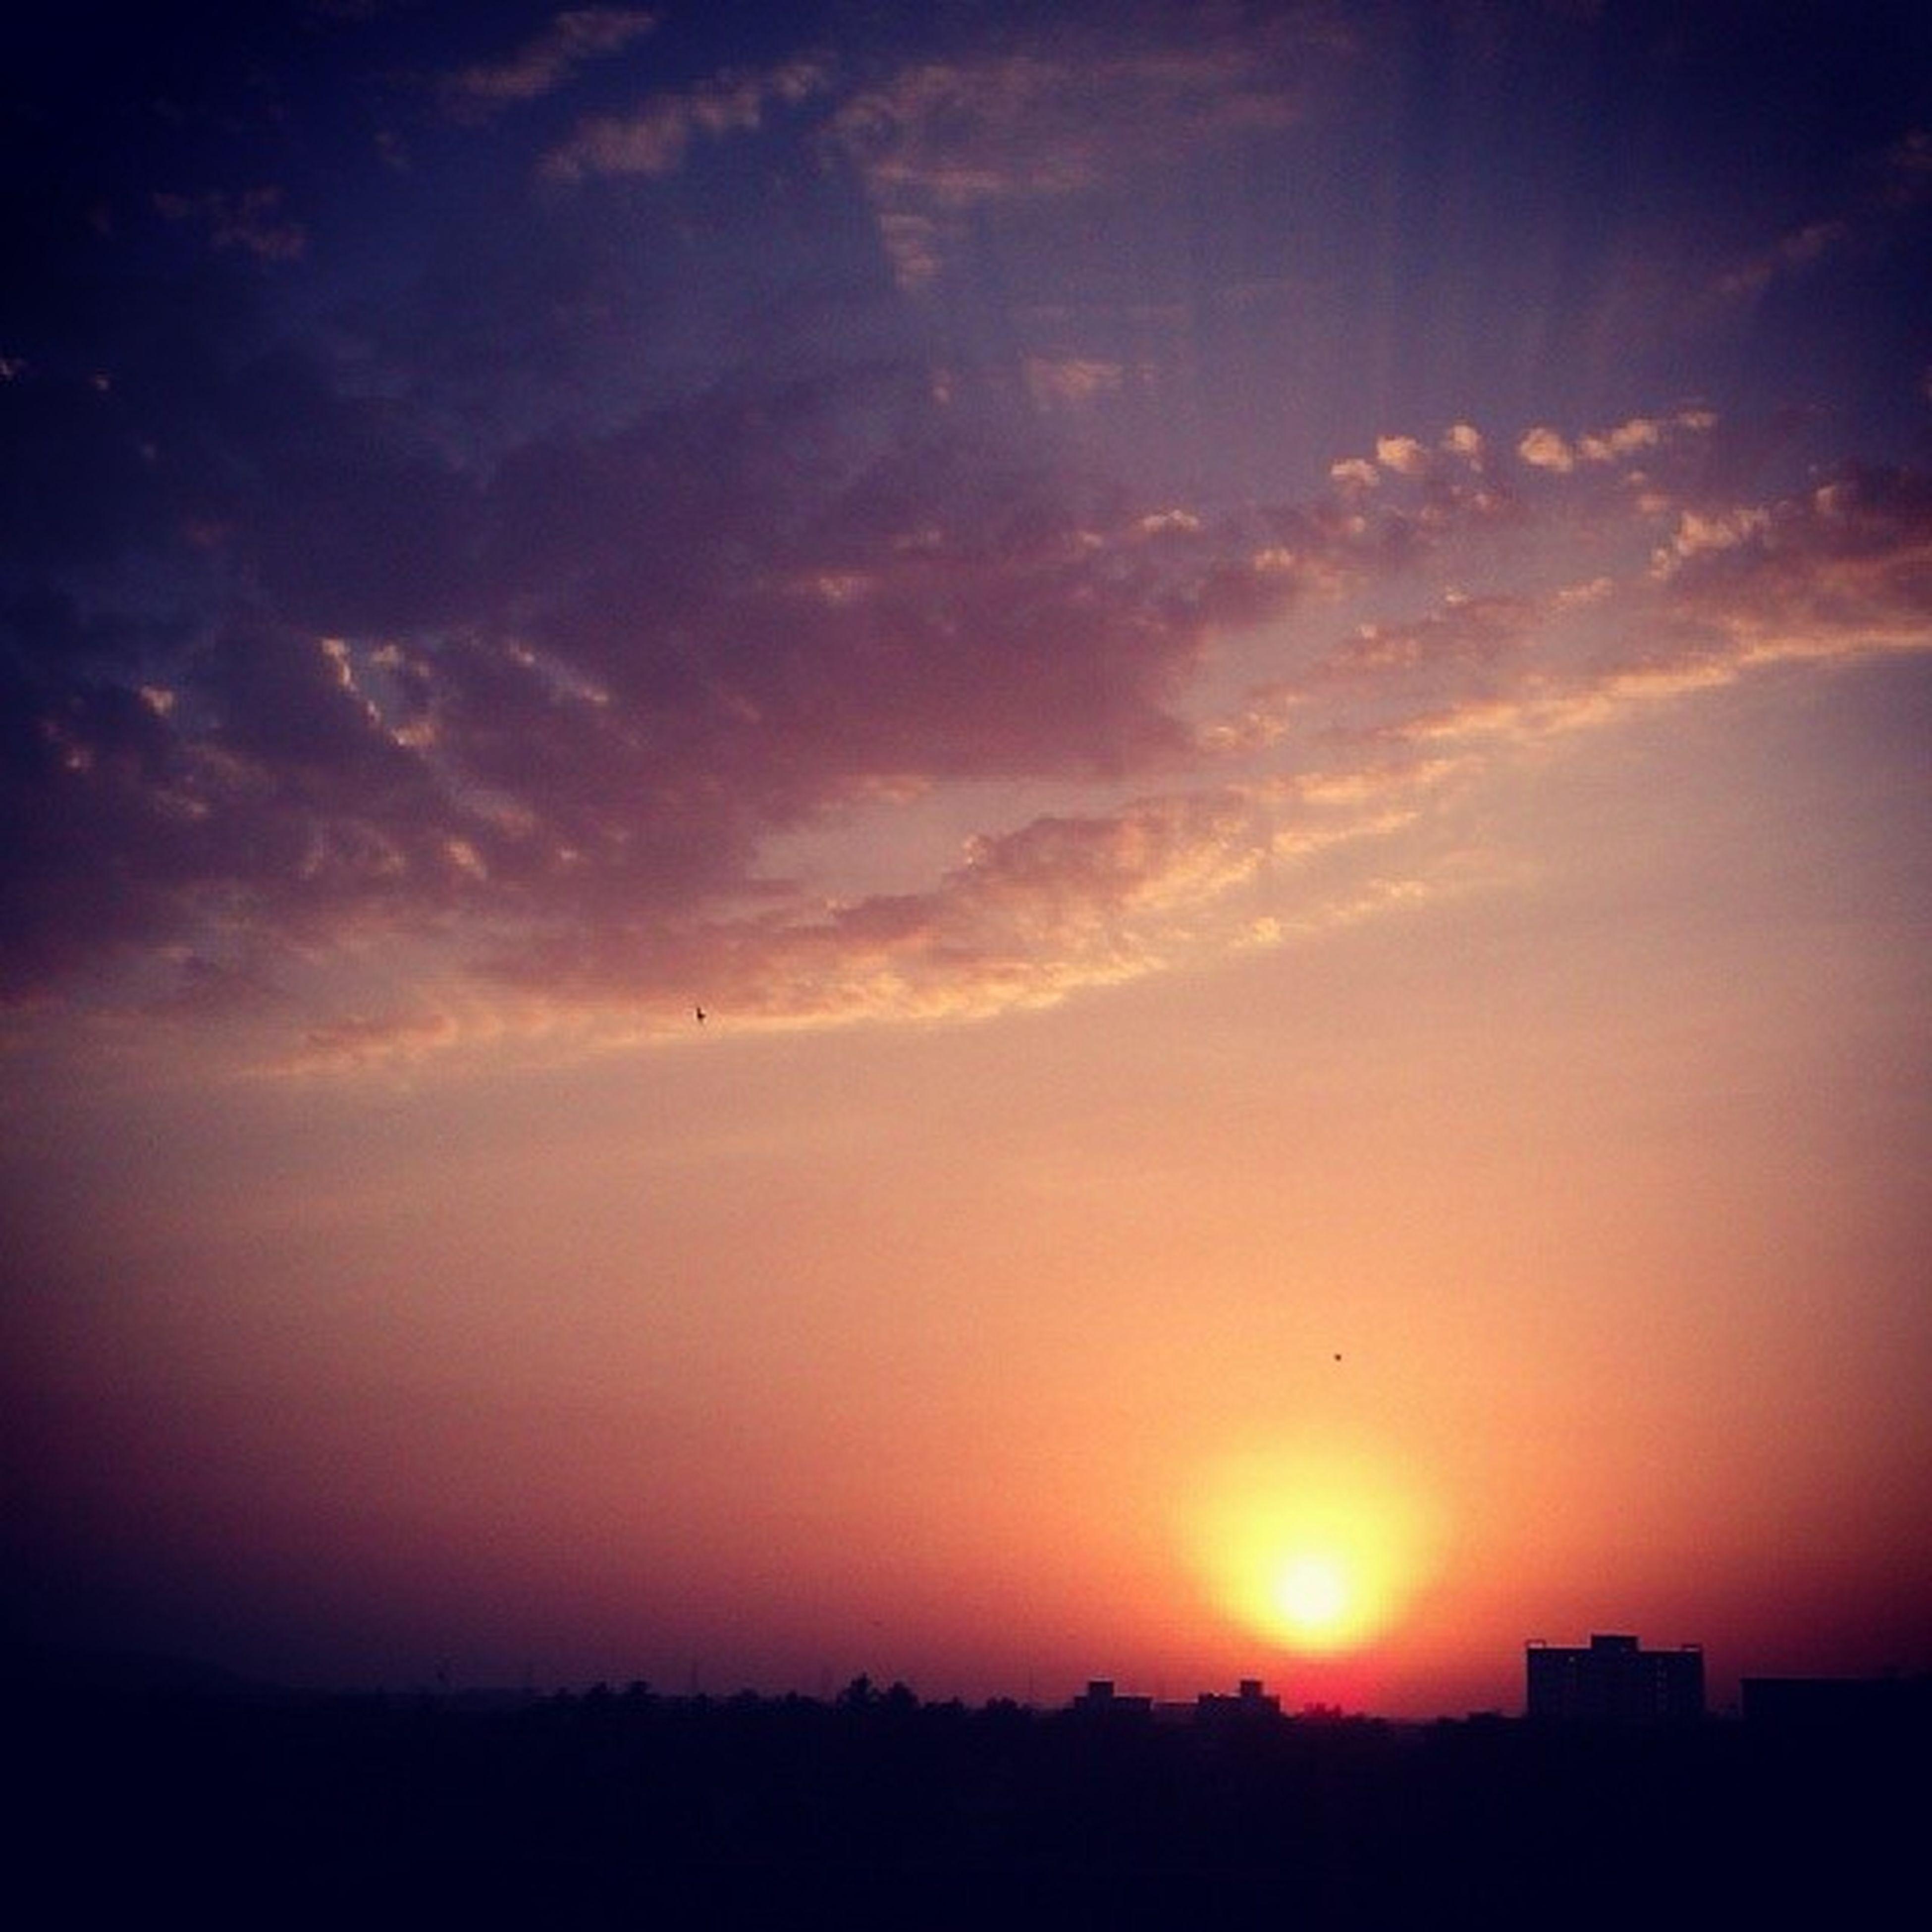 sunset, silhouette, sun, orange color, scenics, beauty in nature, sky, tranquil scene, tranquility, idyllic, nature, cloud - sky, sunlight, landscape, dramatic sky, sunbeam, building exterior, cloud, dark, outdoors